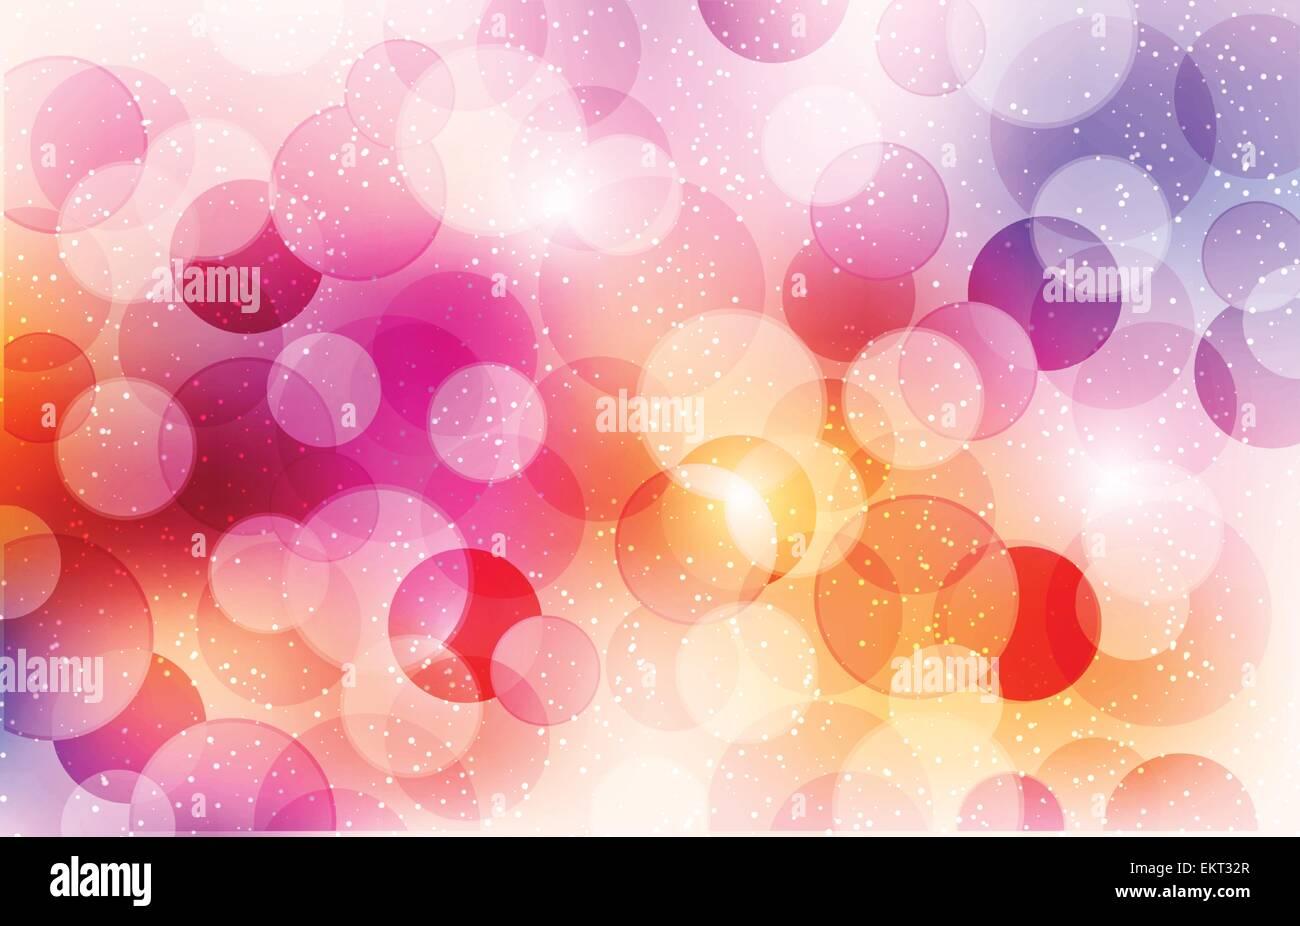 Abstract sfondo con cerchi lucido Immagini Stock